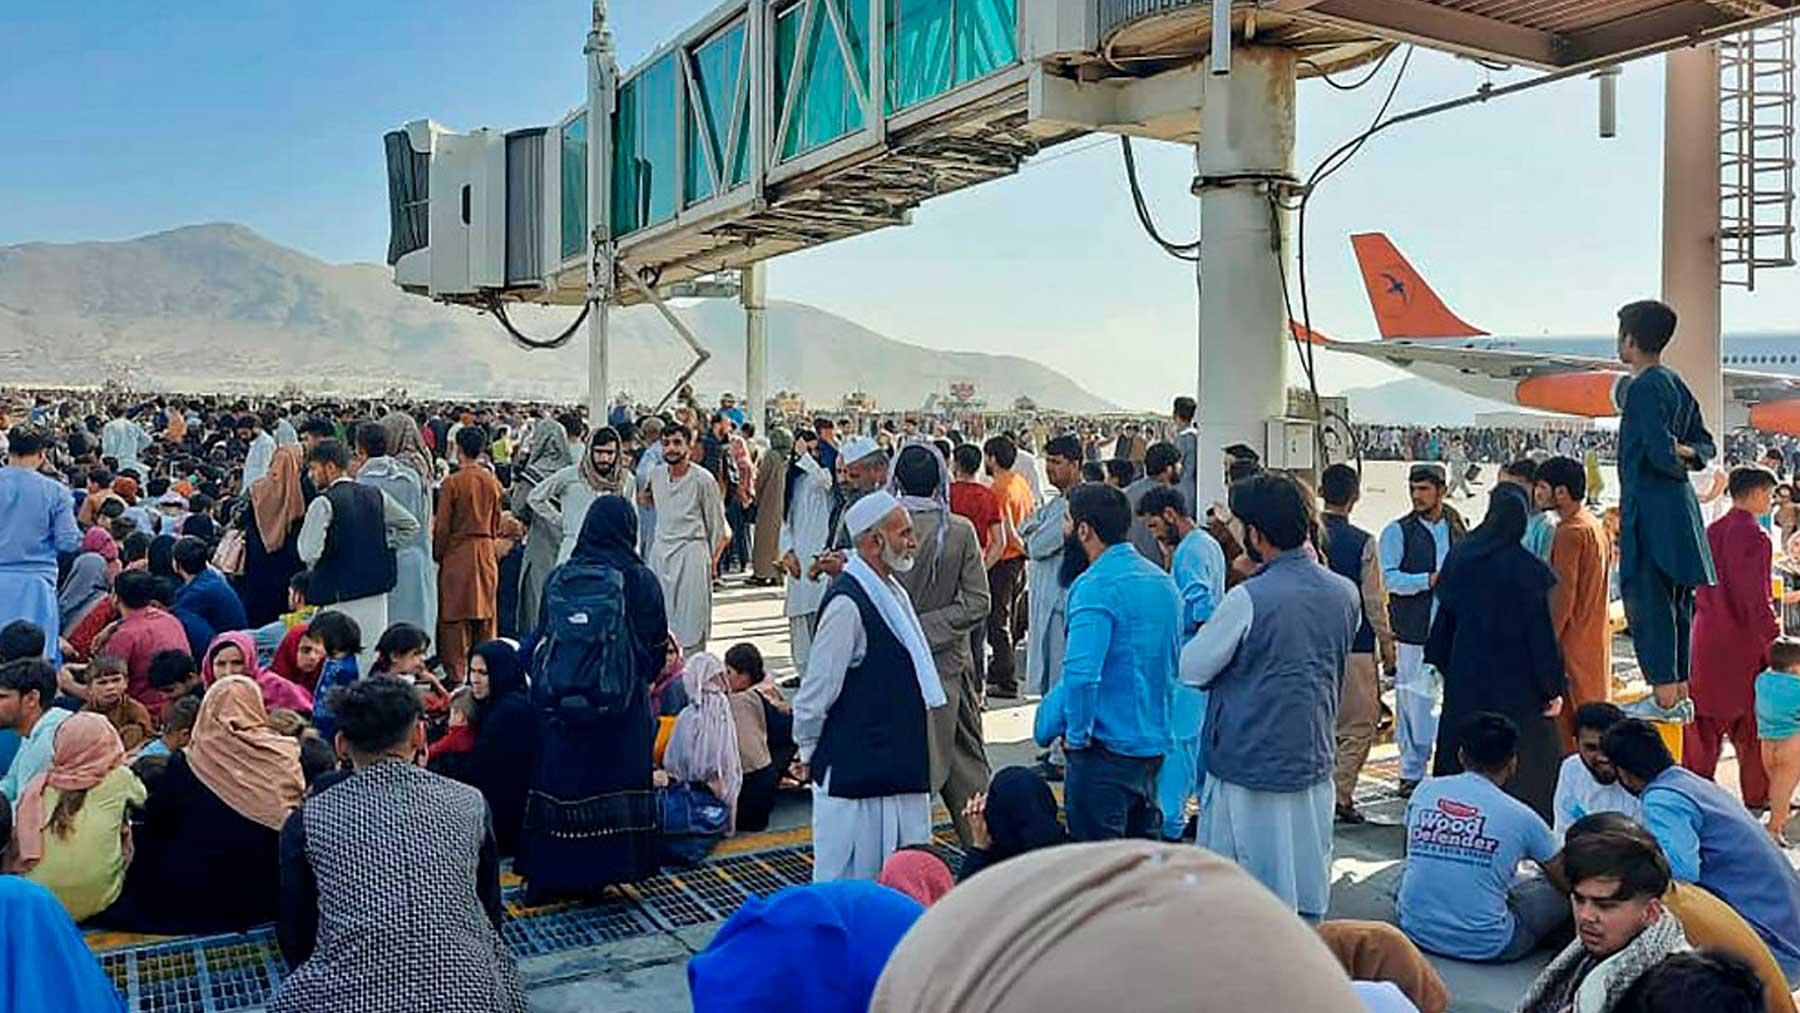 Cientos de ciudadanos de Afganistán en la pista del aeropuerto de Kabul. Foto: AFP